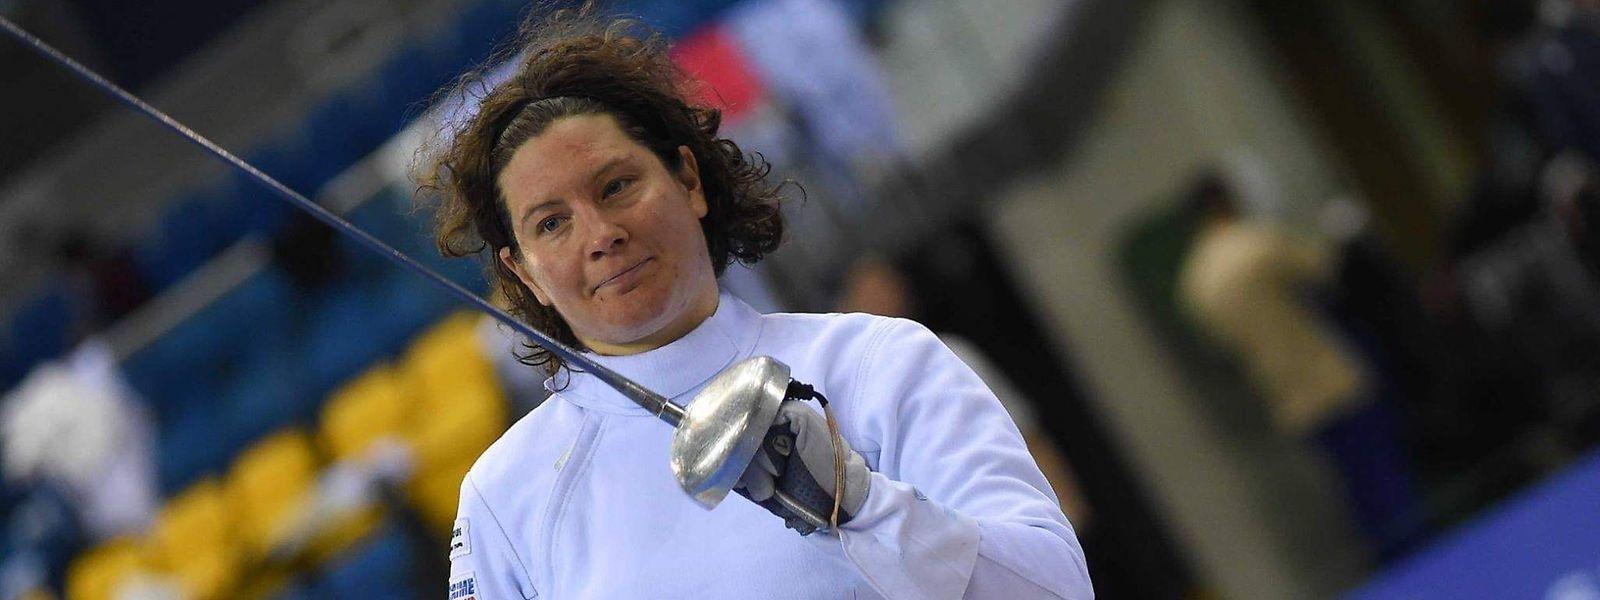 Lis Fautsch will bei den Olympischen Spielen 2021 erneut angreifen.